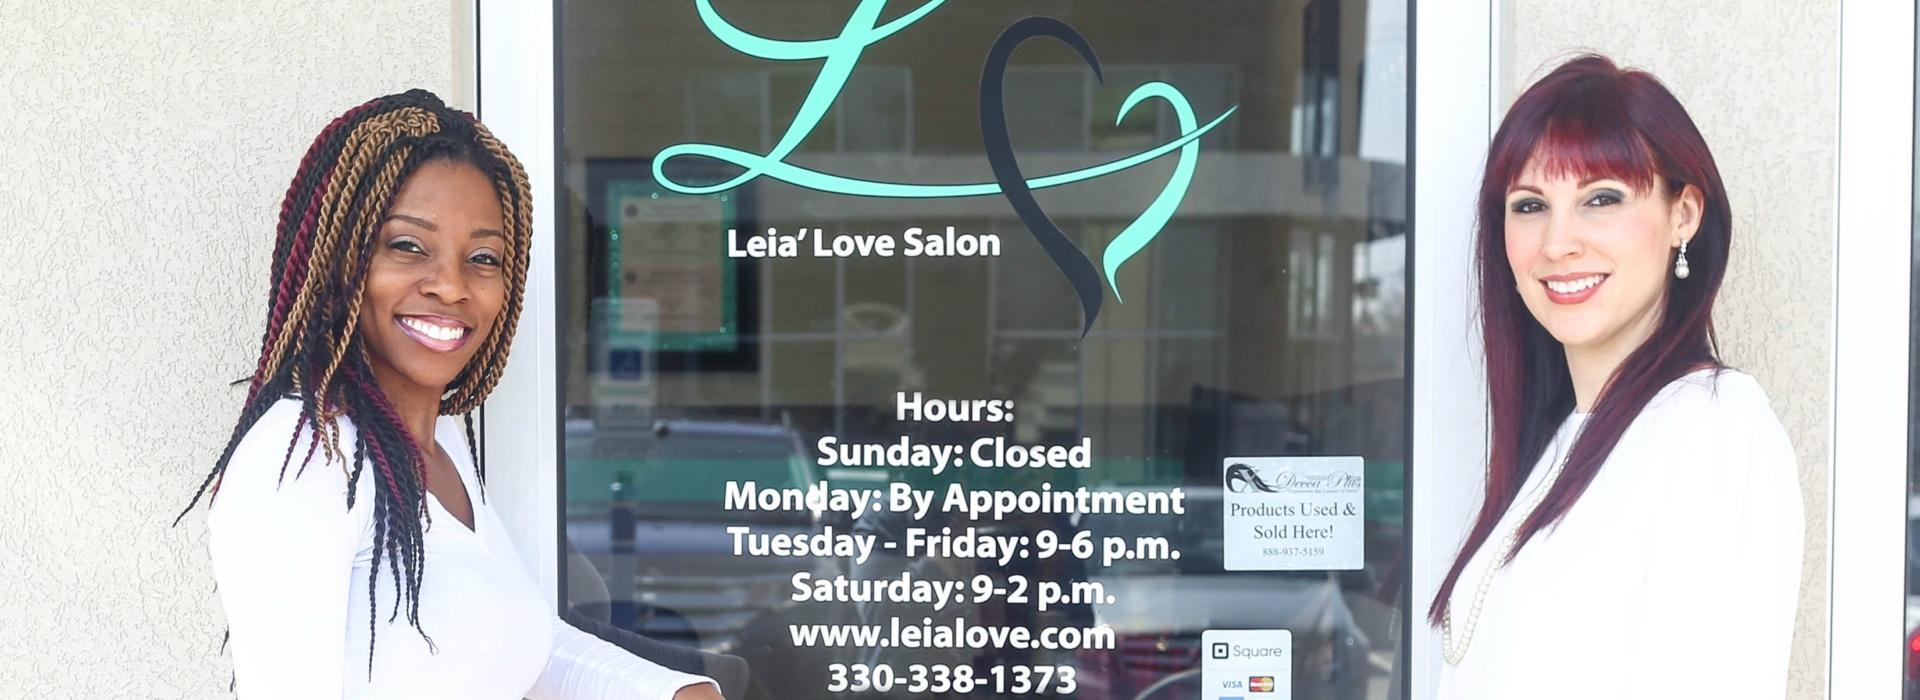 Leia' Love Hair & Nail Salon, LLC